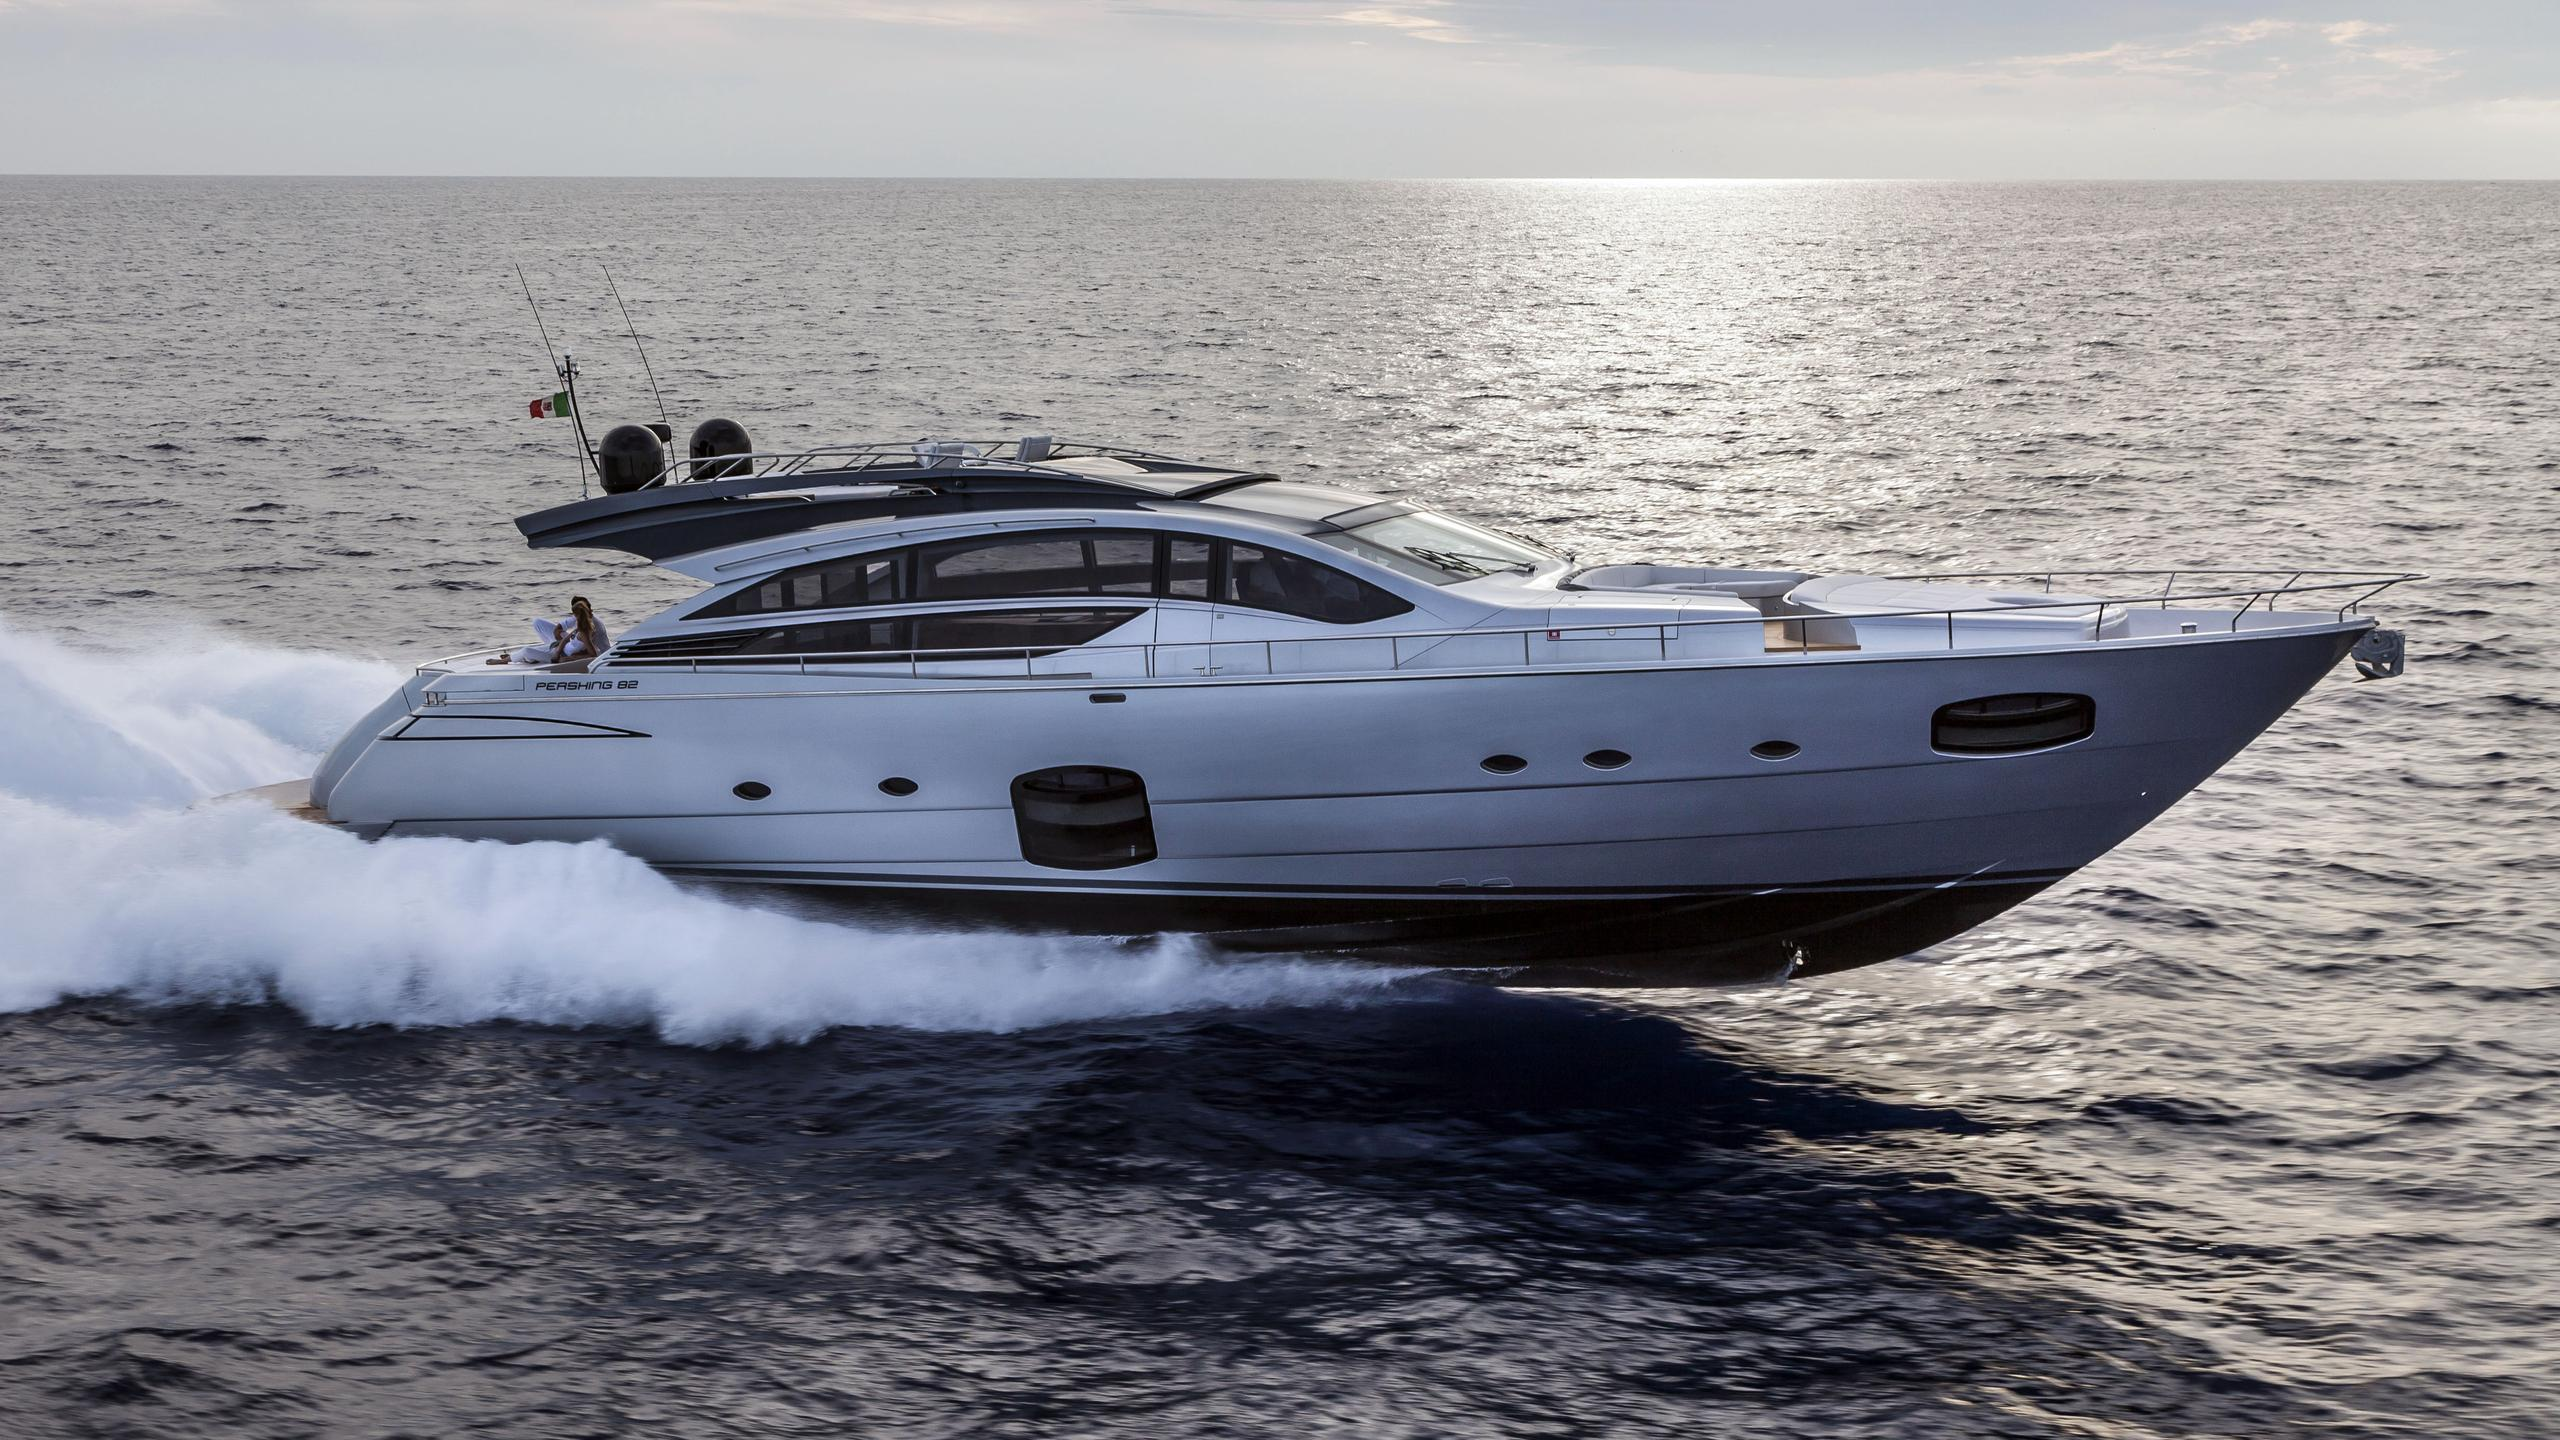 pershing-82-03-motor-yacht-2012-25m-cruising